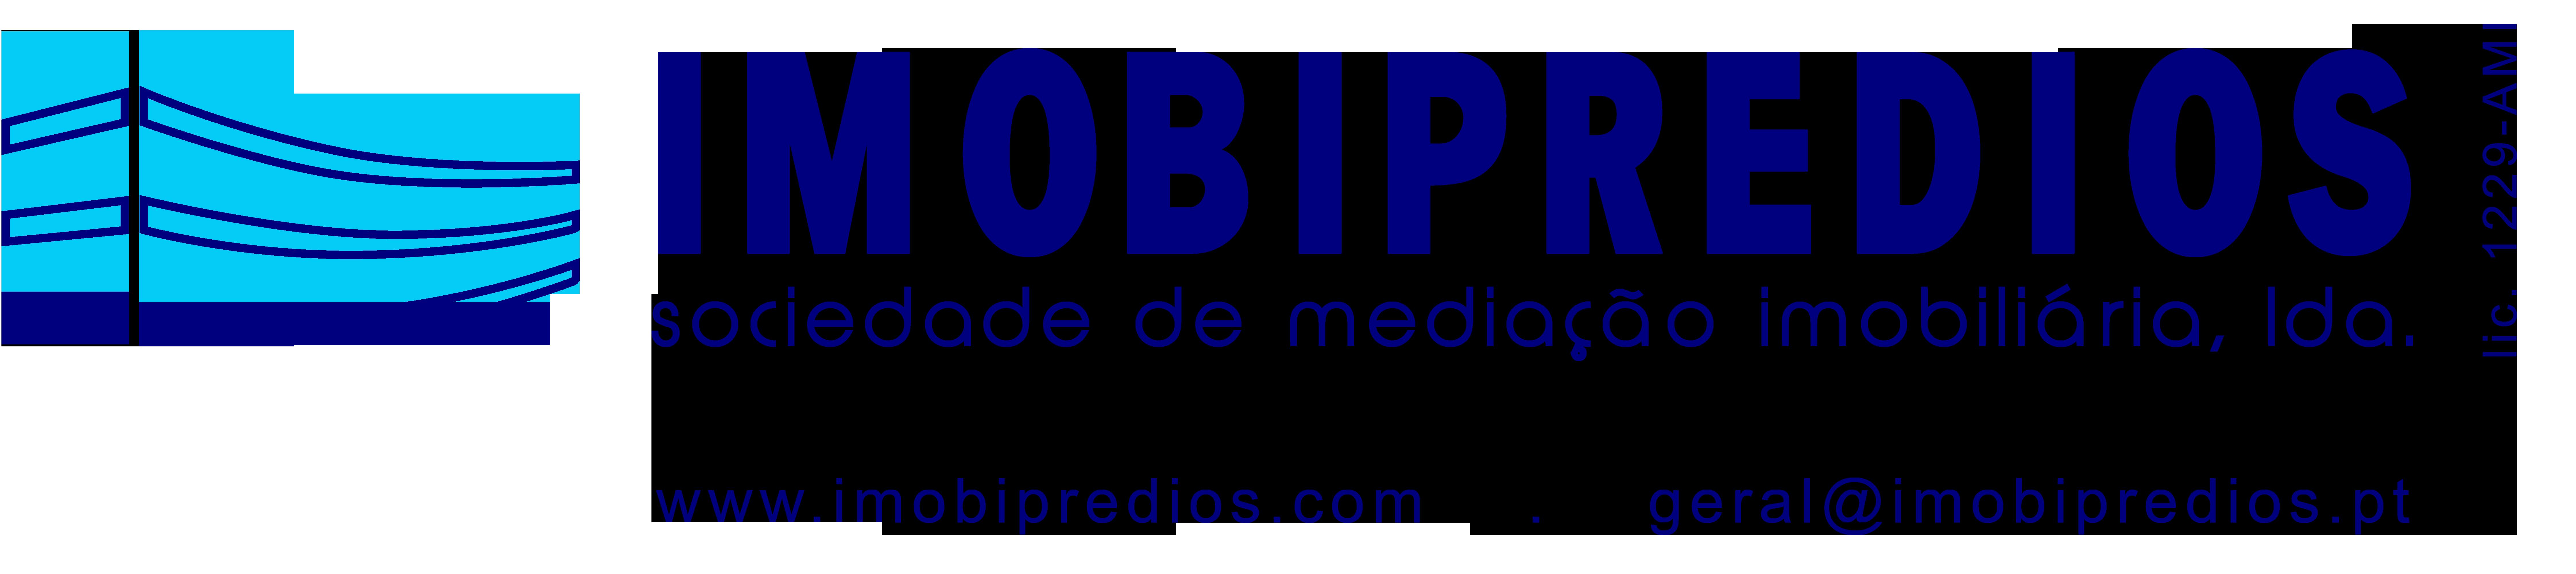 Imobiprédios - Sociedade De Mediação Imobiliaria, Lda.